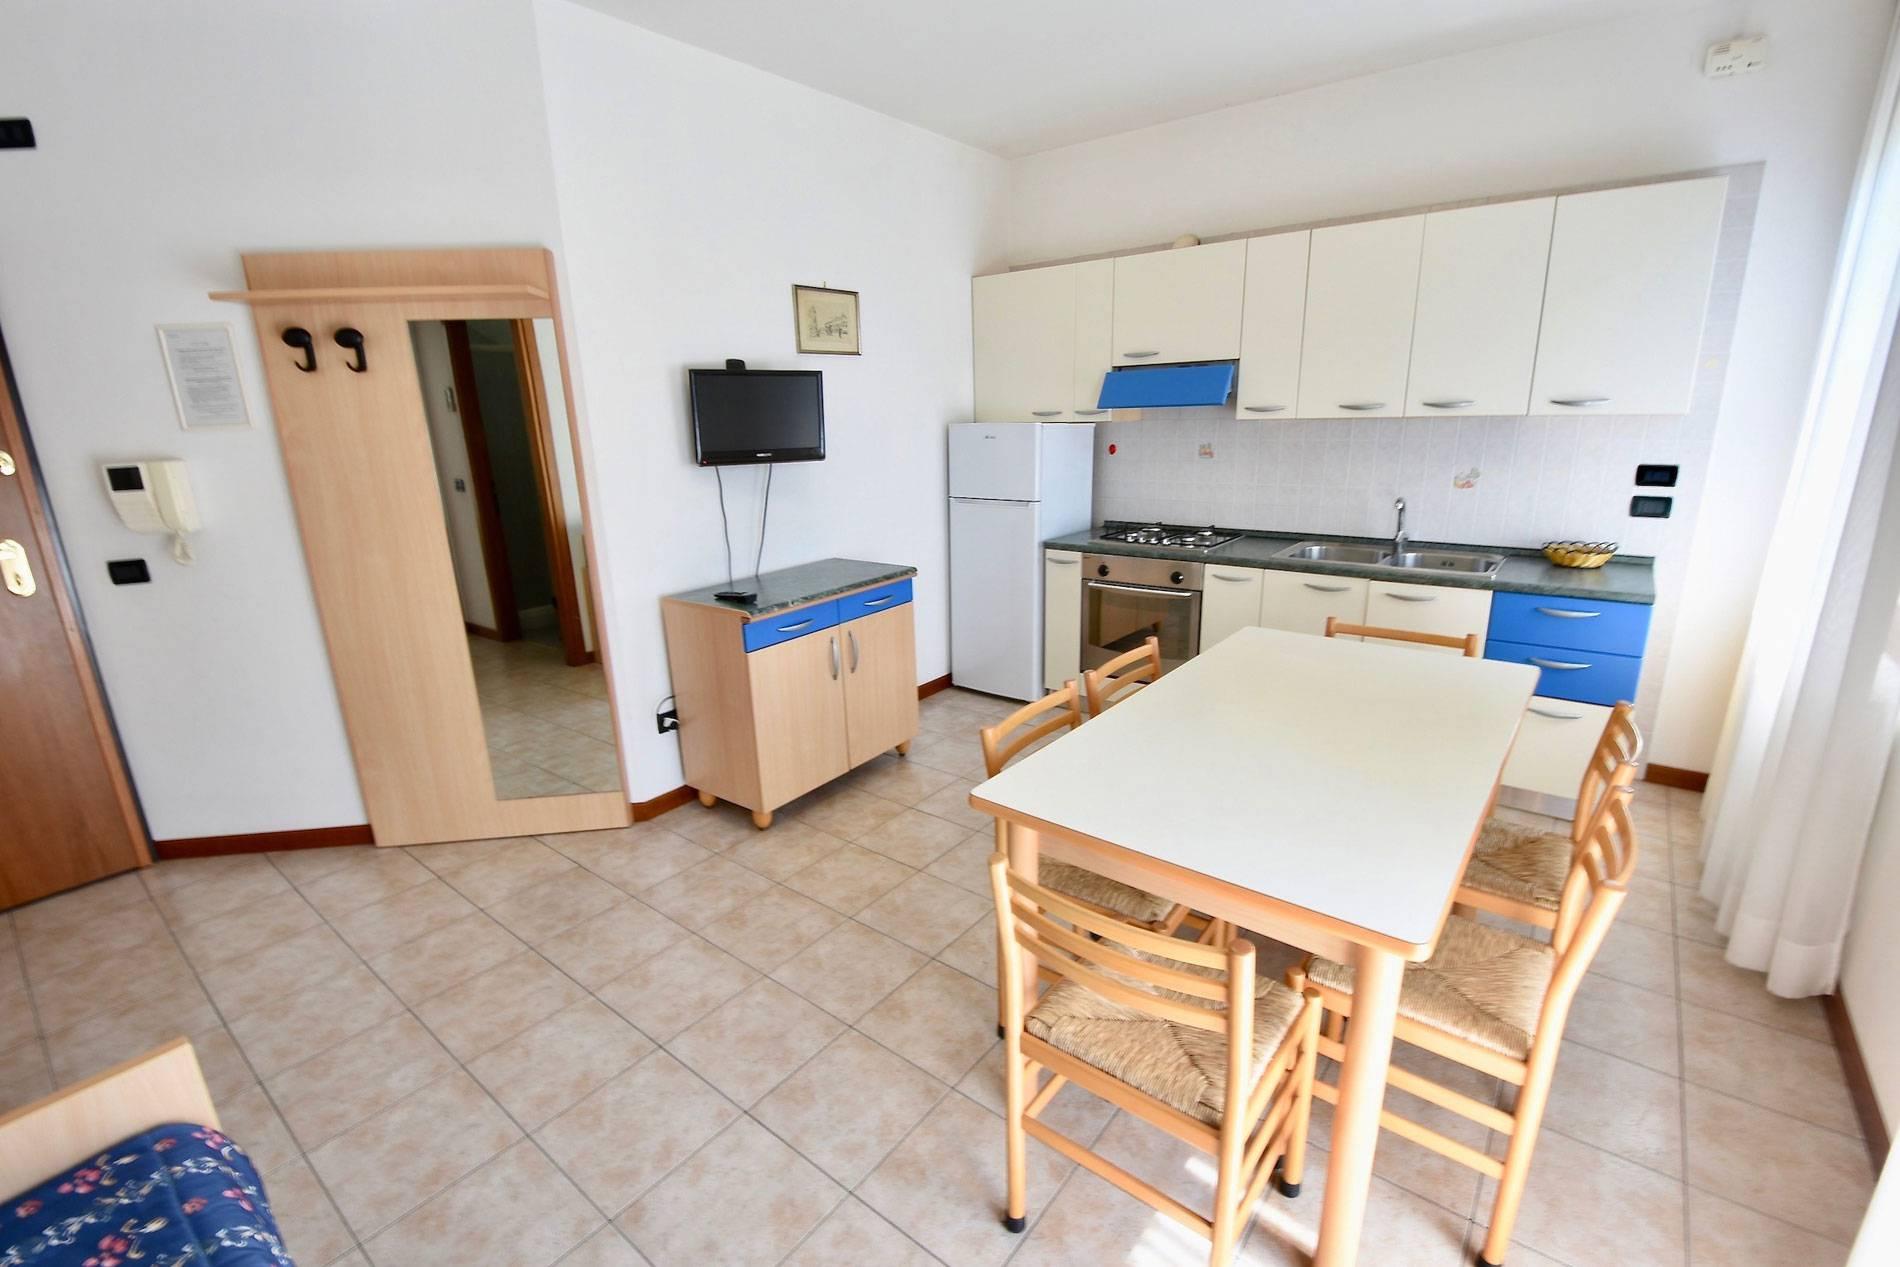 soggiorno-appartamento-vacanza-jesolo-1678578322